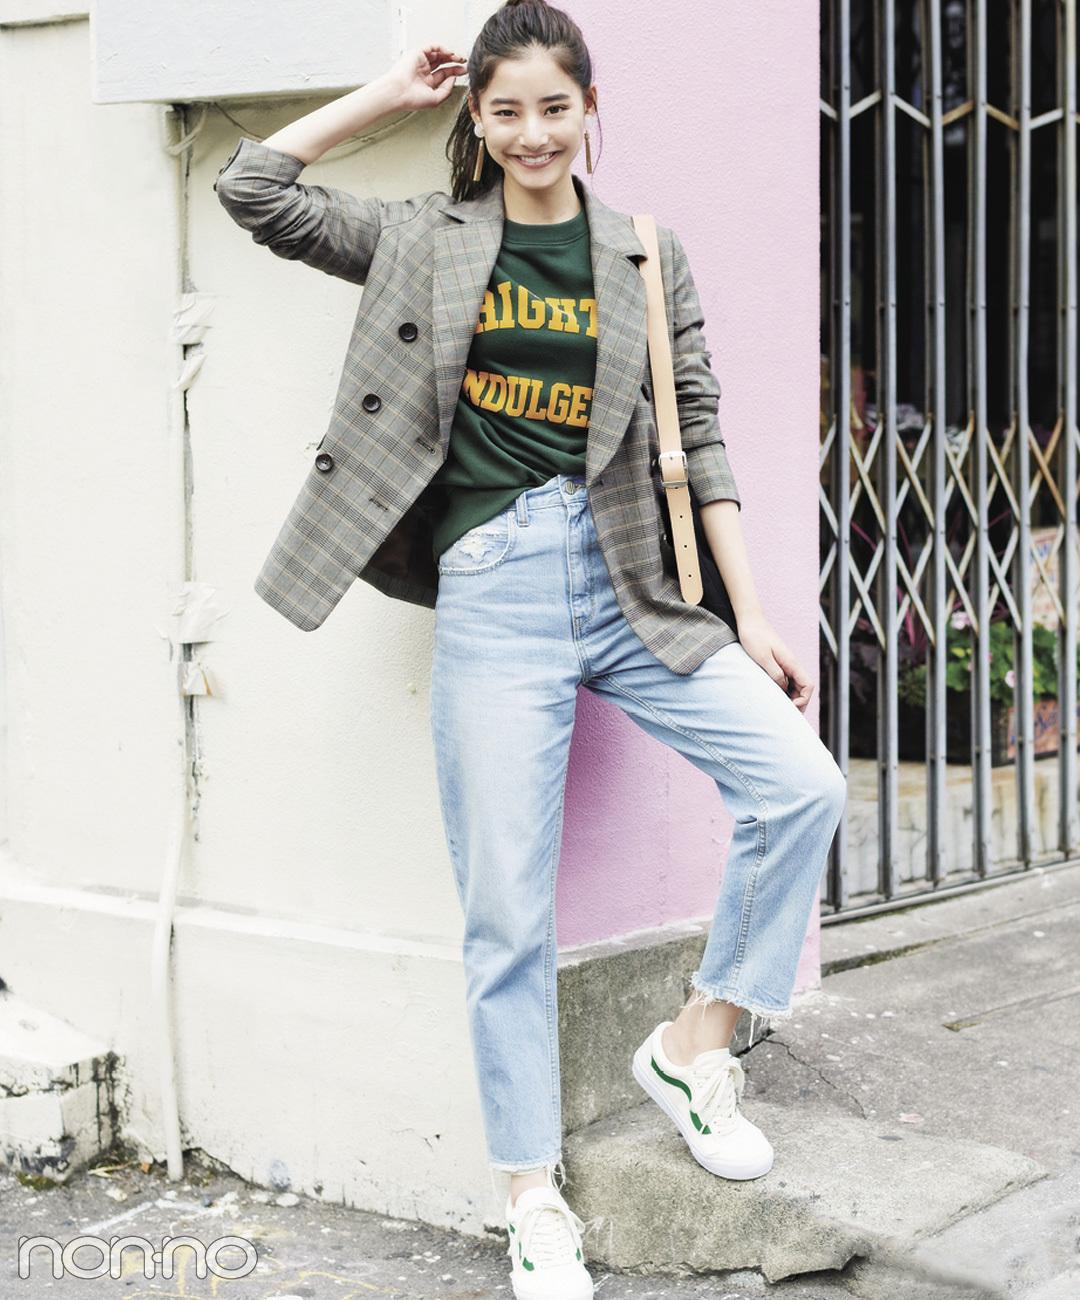 【白スニーカーコーデ】新木優子は、デニム×スニーカーのカジュアルな着こなしにチェックジャケットで大人っぽ★